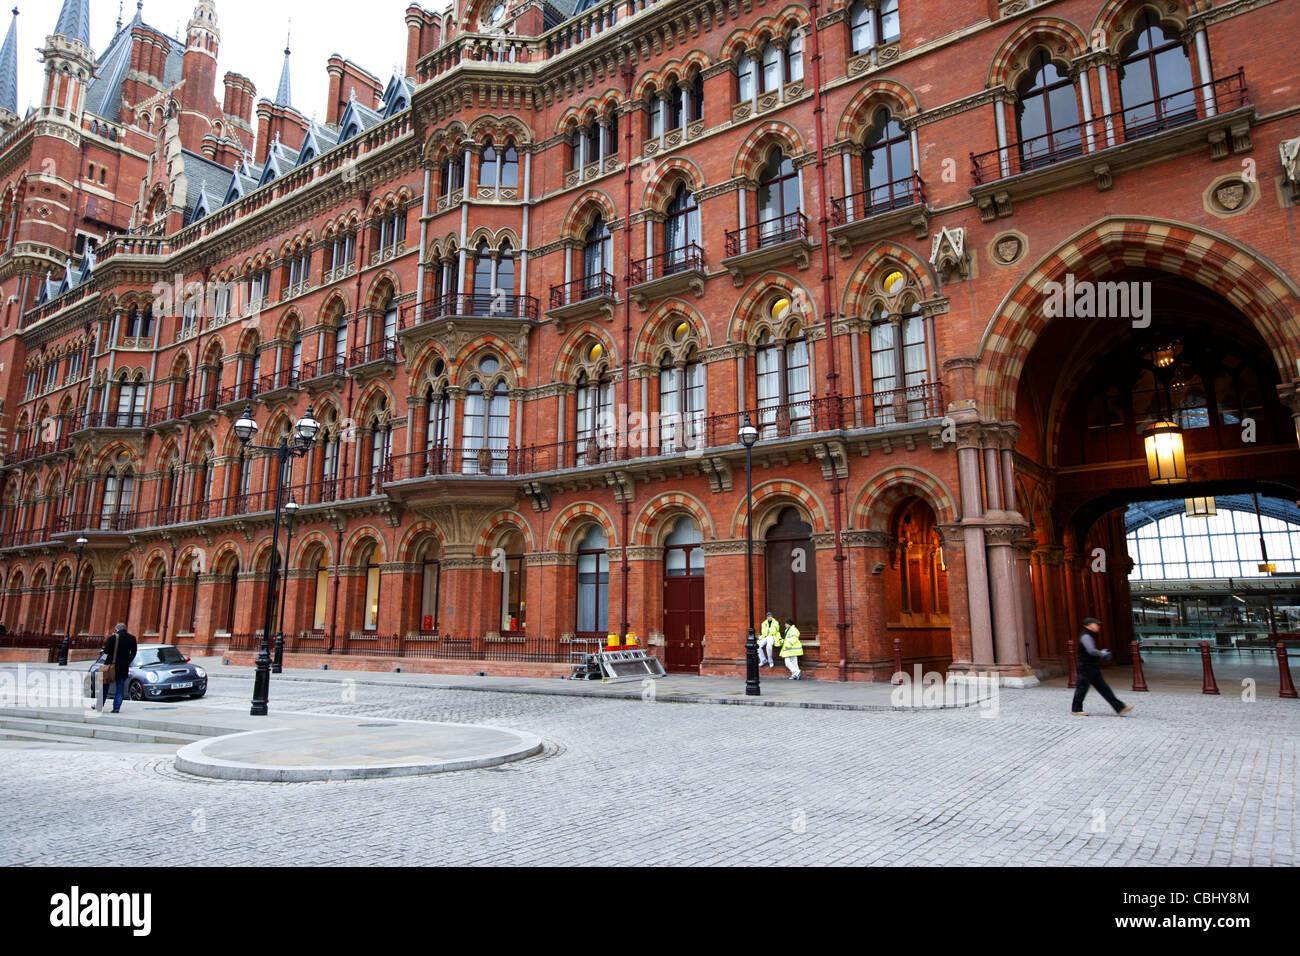 st pancras international rail station london england united kingdom uk - Stock Image